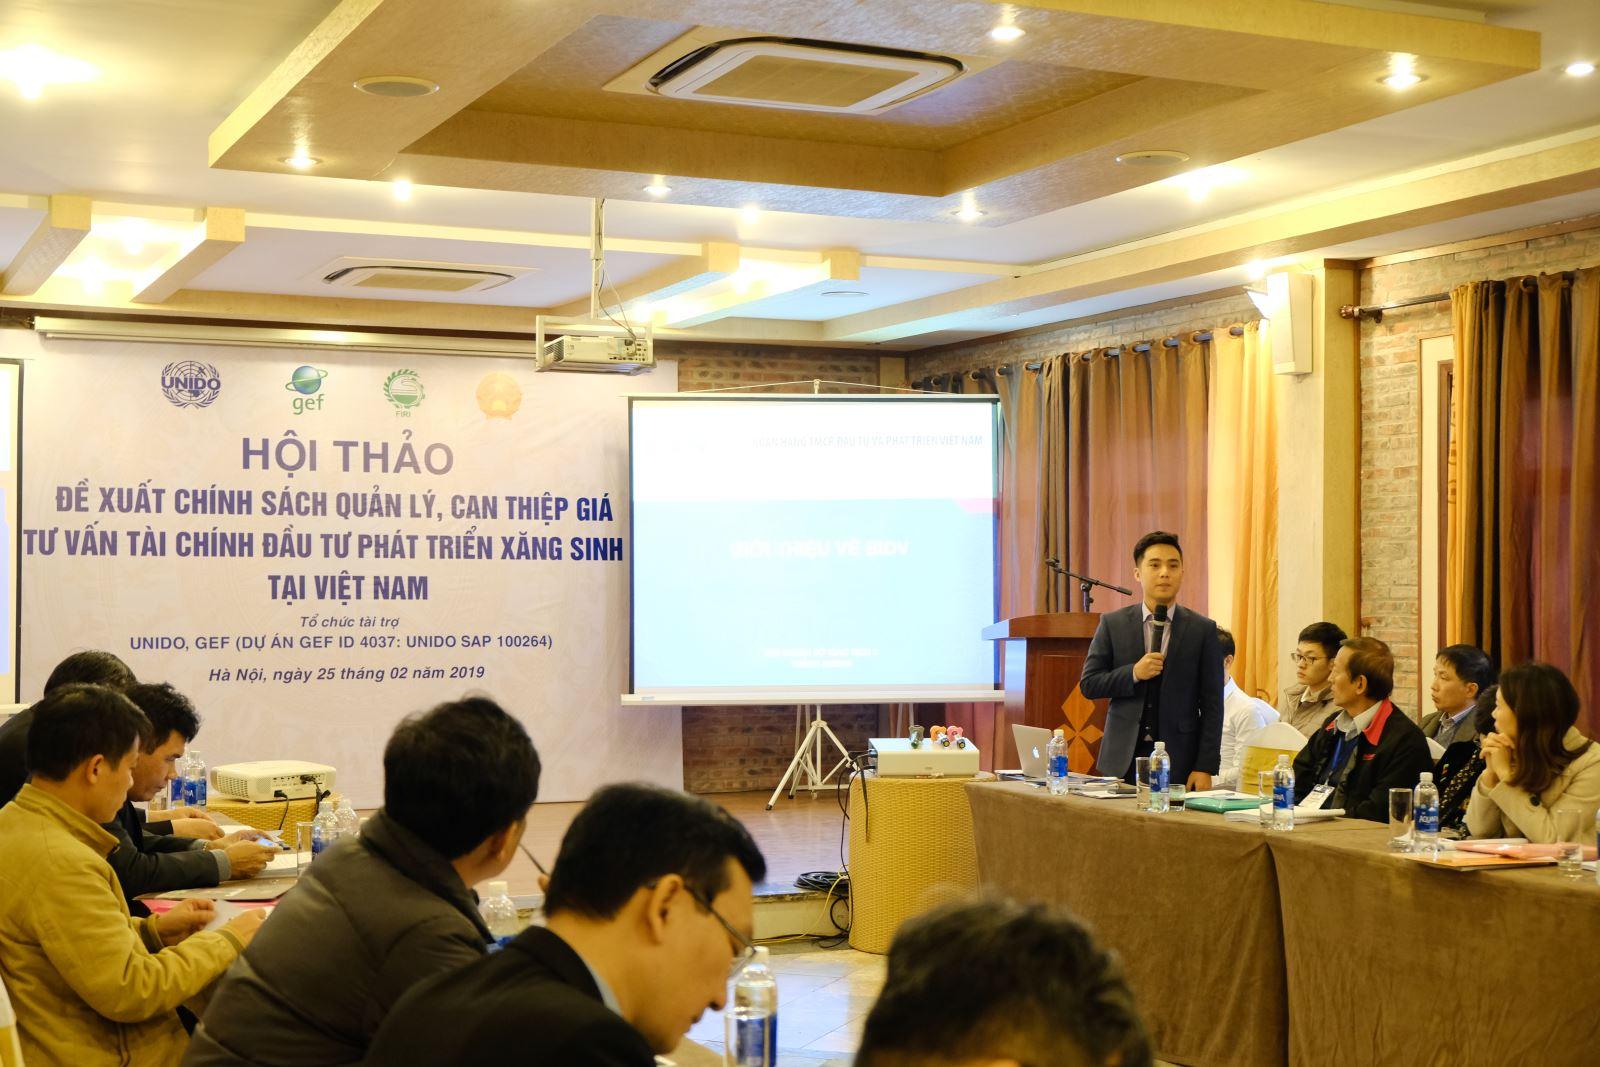 Đại diện của Ngân hàng Đầu tư và Phát triển Việt Nam giới thiệu về chính sách cho vay đối với các dự án đầu tư phát triển xăng sinh học tại Việt Nam